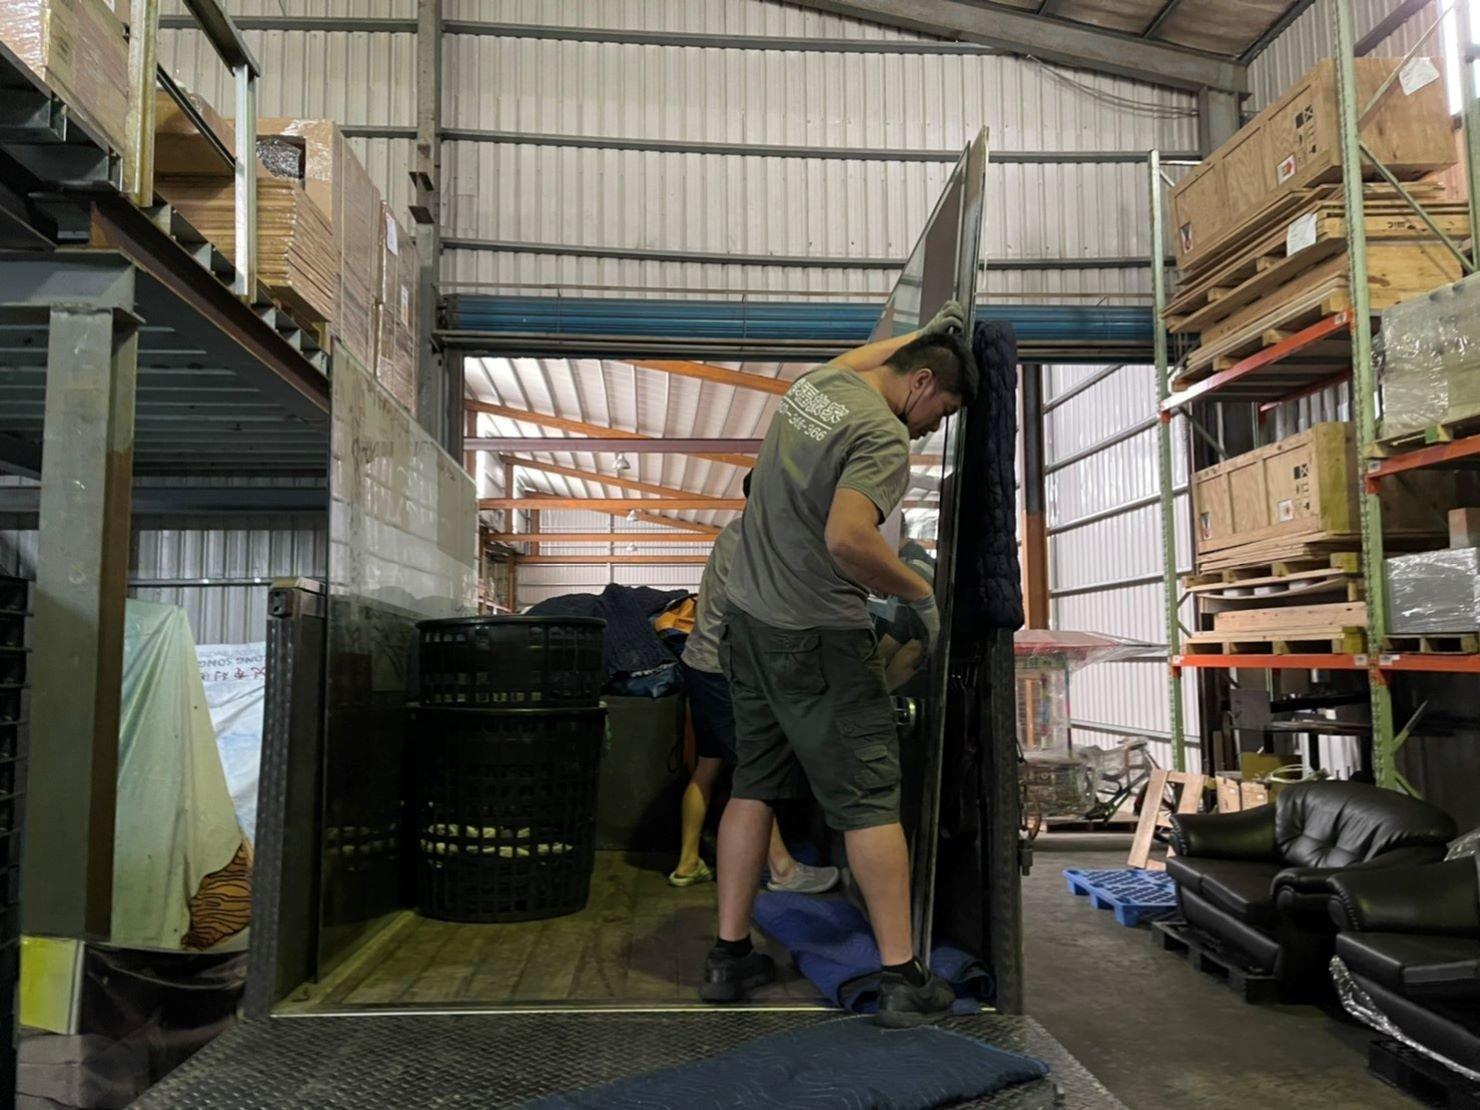 玻璃搬運、搬玻璃、搬重物【榮福搬家公司】精搬重物、精搬魚缸、精搬鋼琴、跨縣市搬家、搬工計時、人力搬運、搬運、搬重物技巧、重物搬運器、搬重物工具、冰箱搬運、搬家具、搬家首選、吊掛搬運、吊家具搬運、吊金庫搬運、特殊重物搬運、單件重物搬運、搬醫療床、專搬重物、企業搬運服務、公司行號搬遷、搬遷、新北搬家公司推薦、搬家公司、基隆搬家、南港搬家、桃園搬家公司推薦、台北搬家公司推薦:大台北搬家,精緻包裝搬運「細膩包裝、專業搬運、用心服務、以客為尊」是榮福搬家公司的宗旨與精神。歡迎立即來電02-2651-2727專人服務。